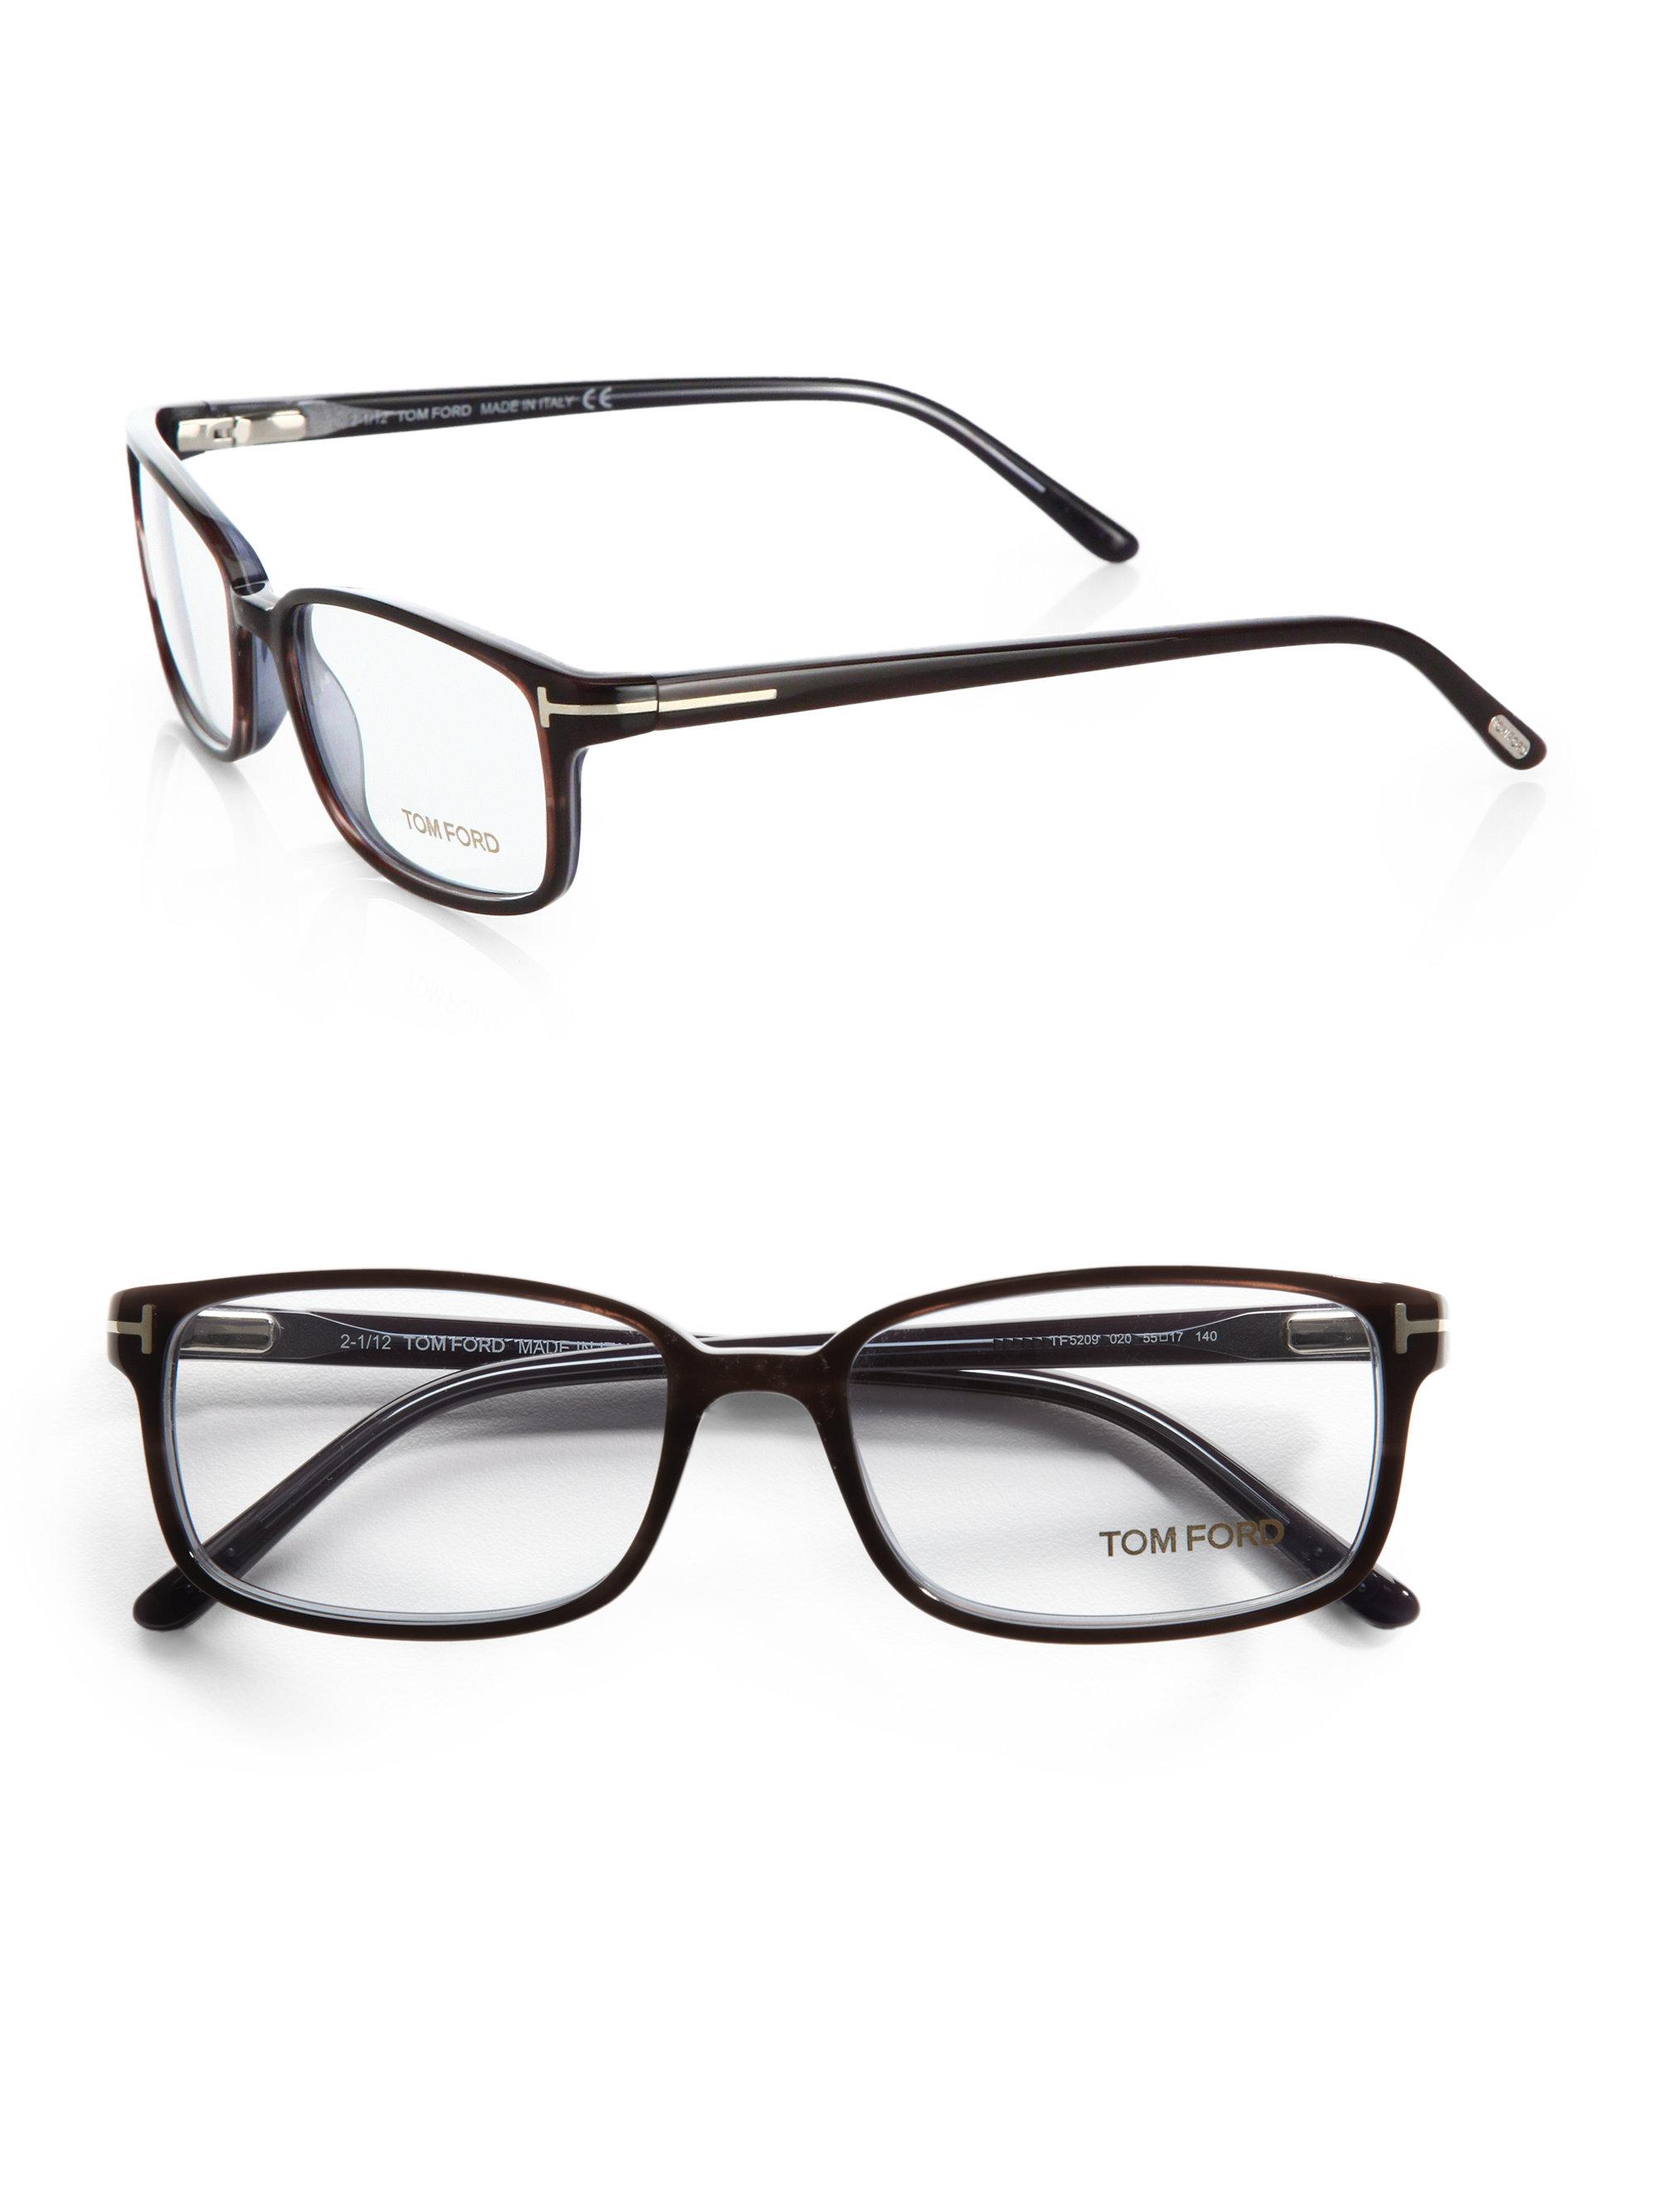 tom ford 5209 rectangular optical frames in gray for